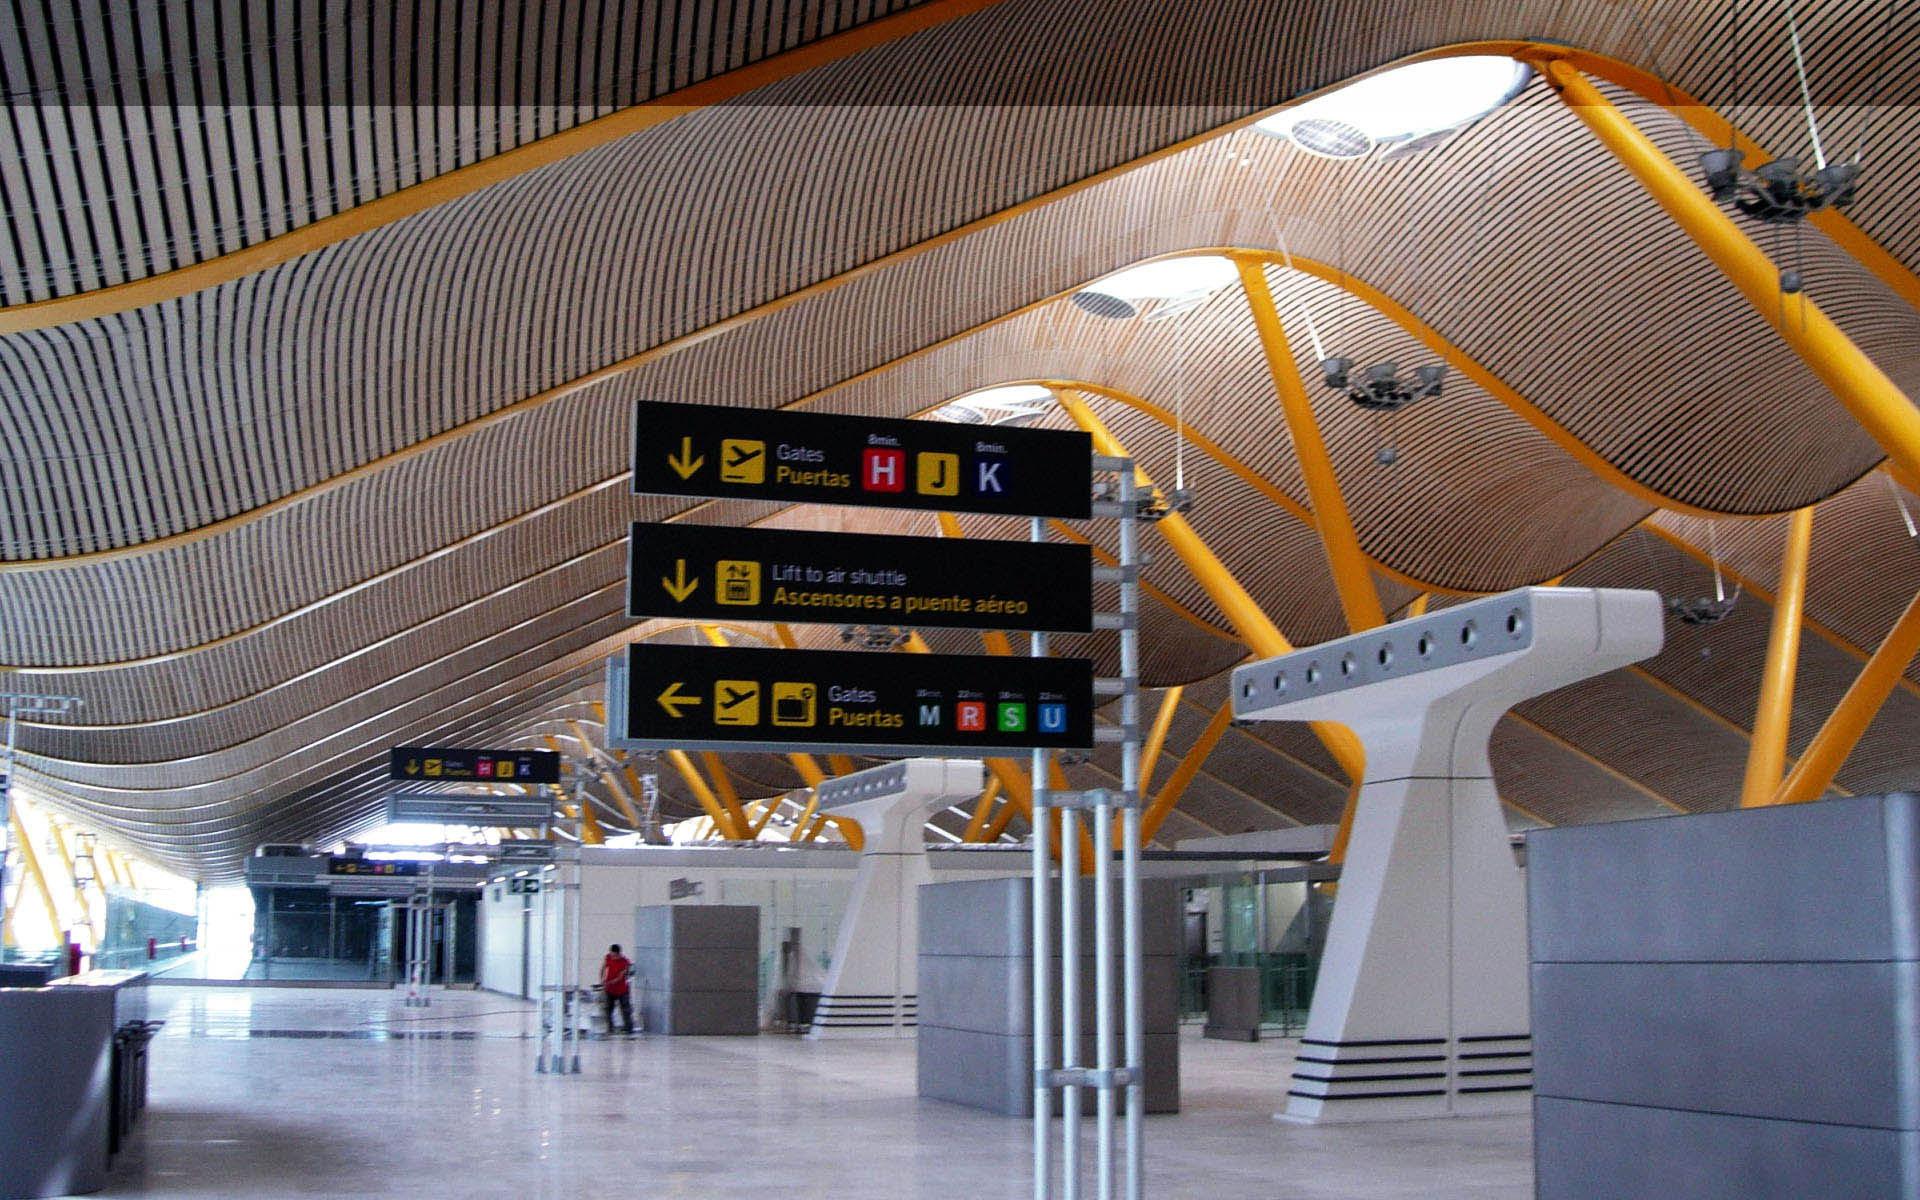 Terminal 4 Adolfo Suárez